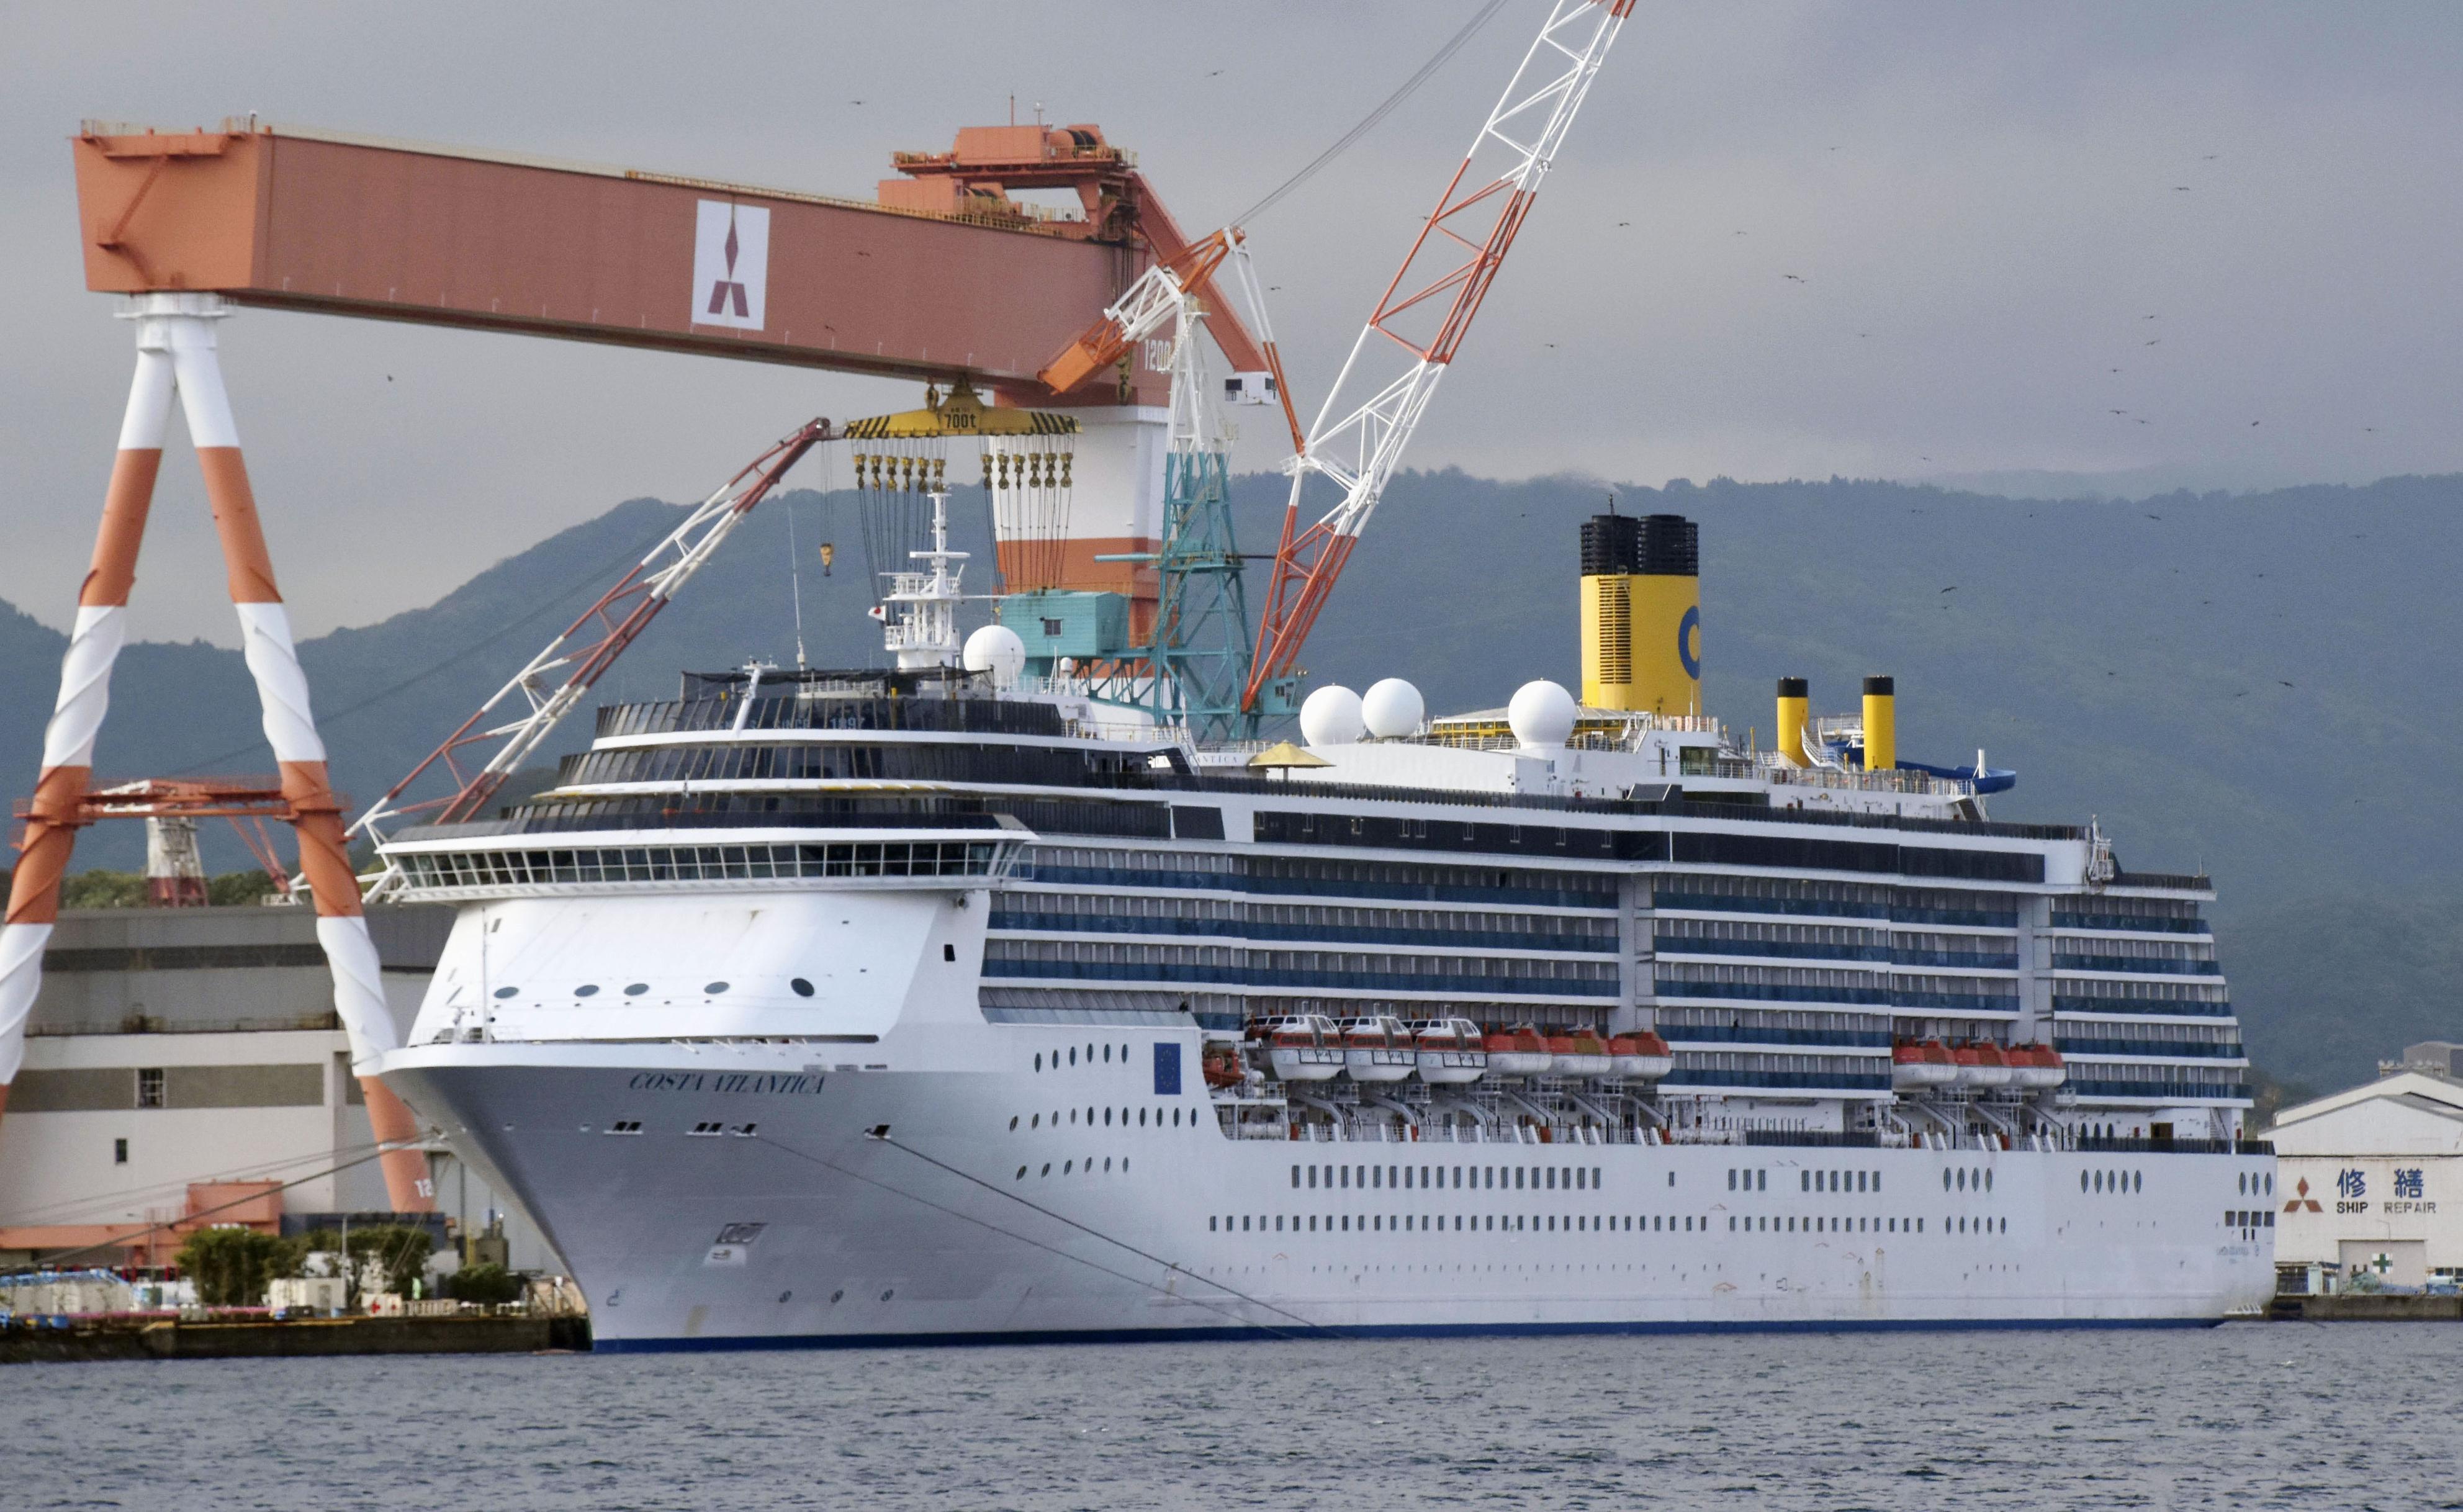 停泊中のイタリア籍クルーズ船「コスタアトランチカ」=3日午後、長崎市